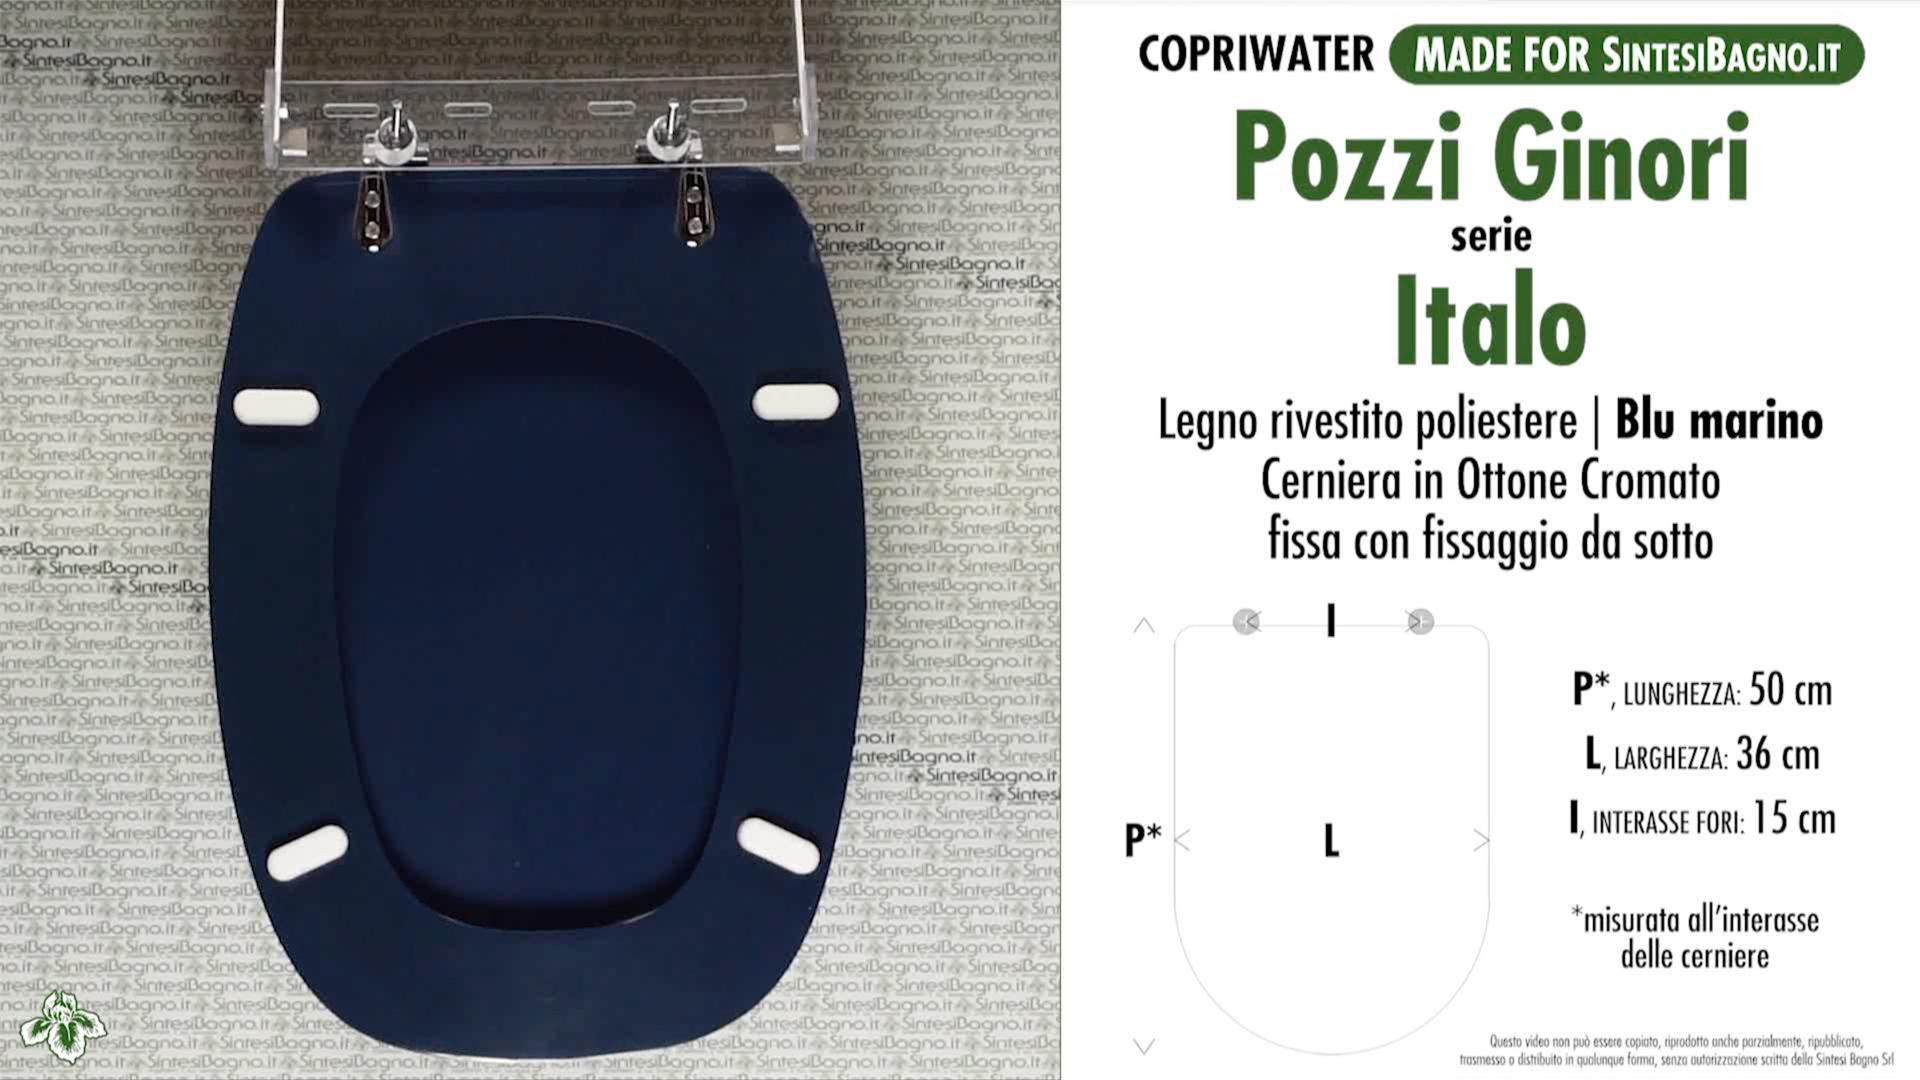 SCHEDA TECNICA MISURE copriwater POZZI GINORI ITALO